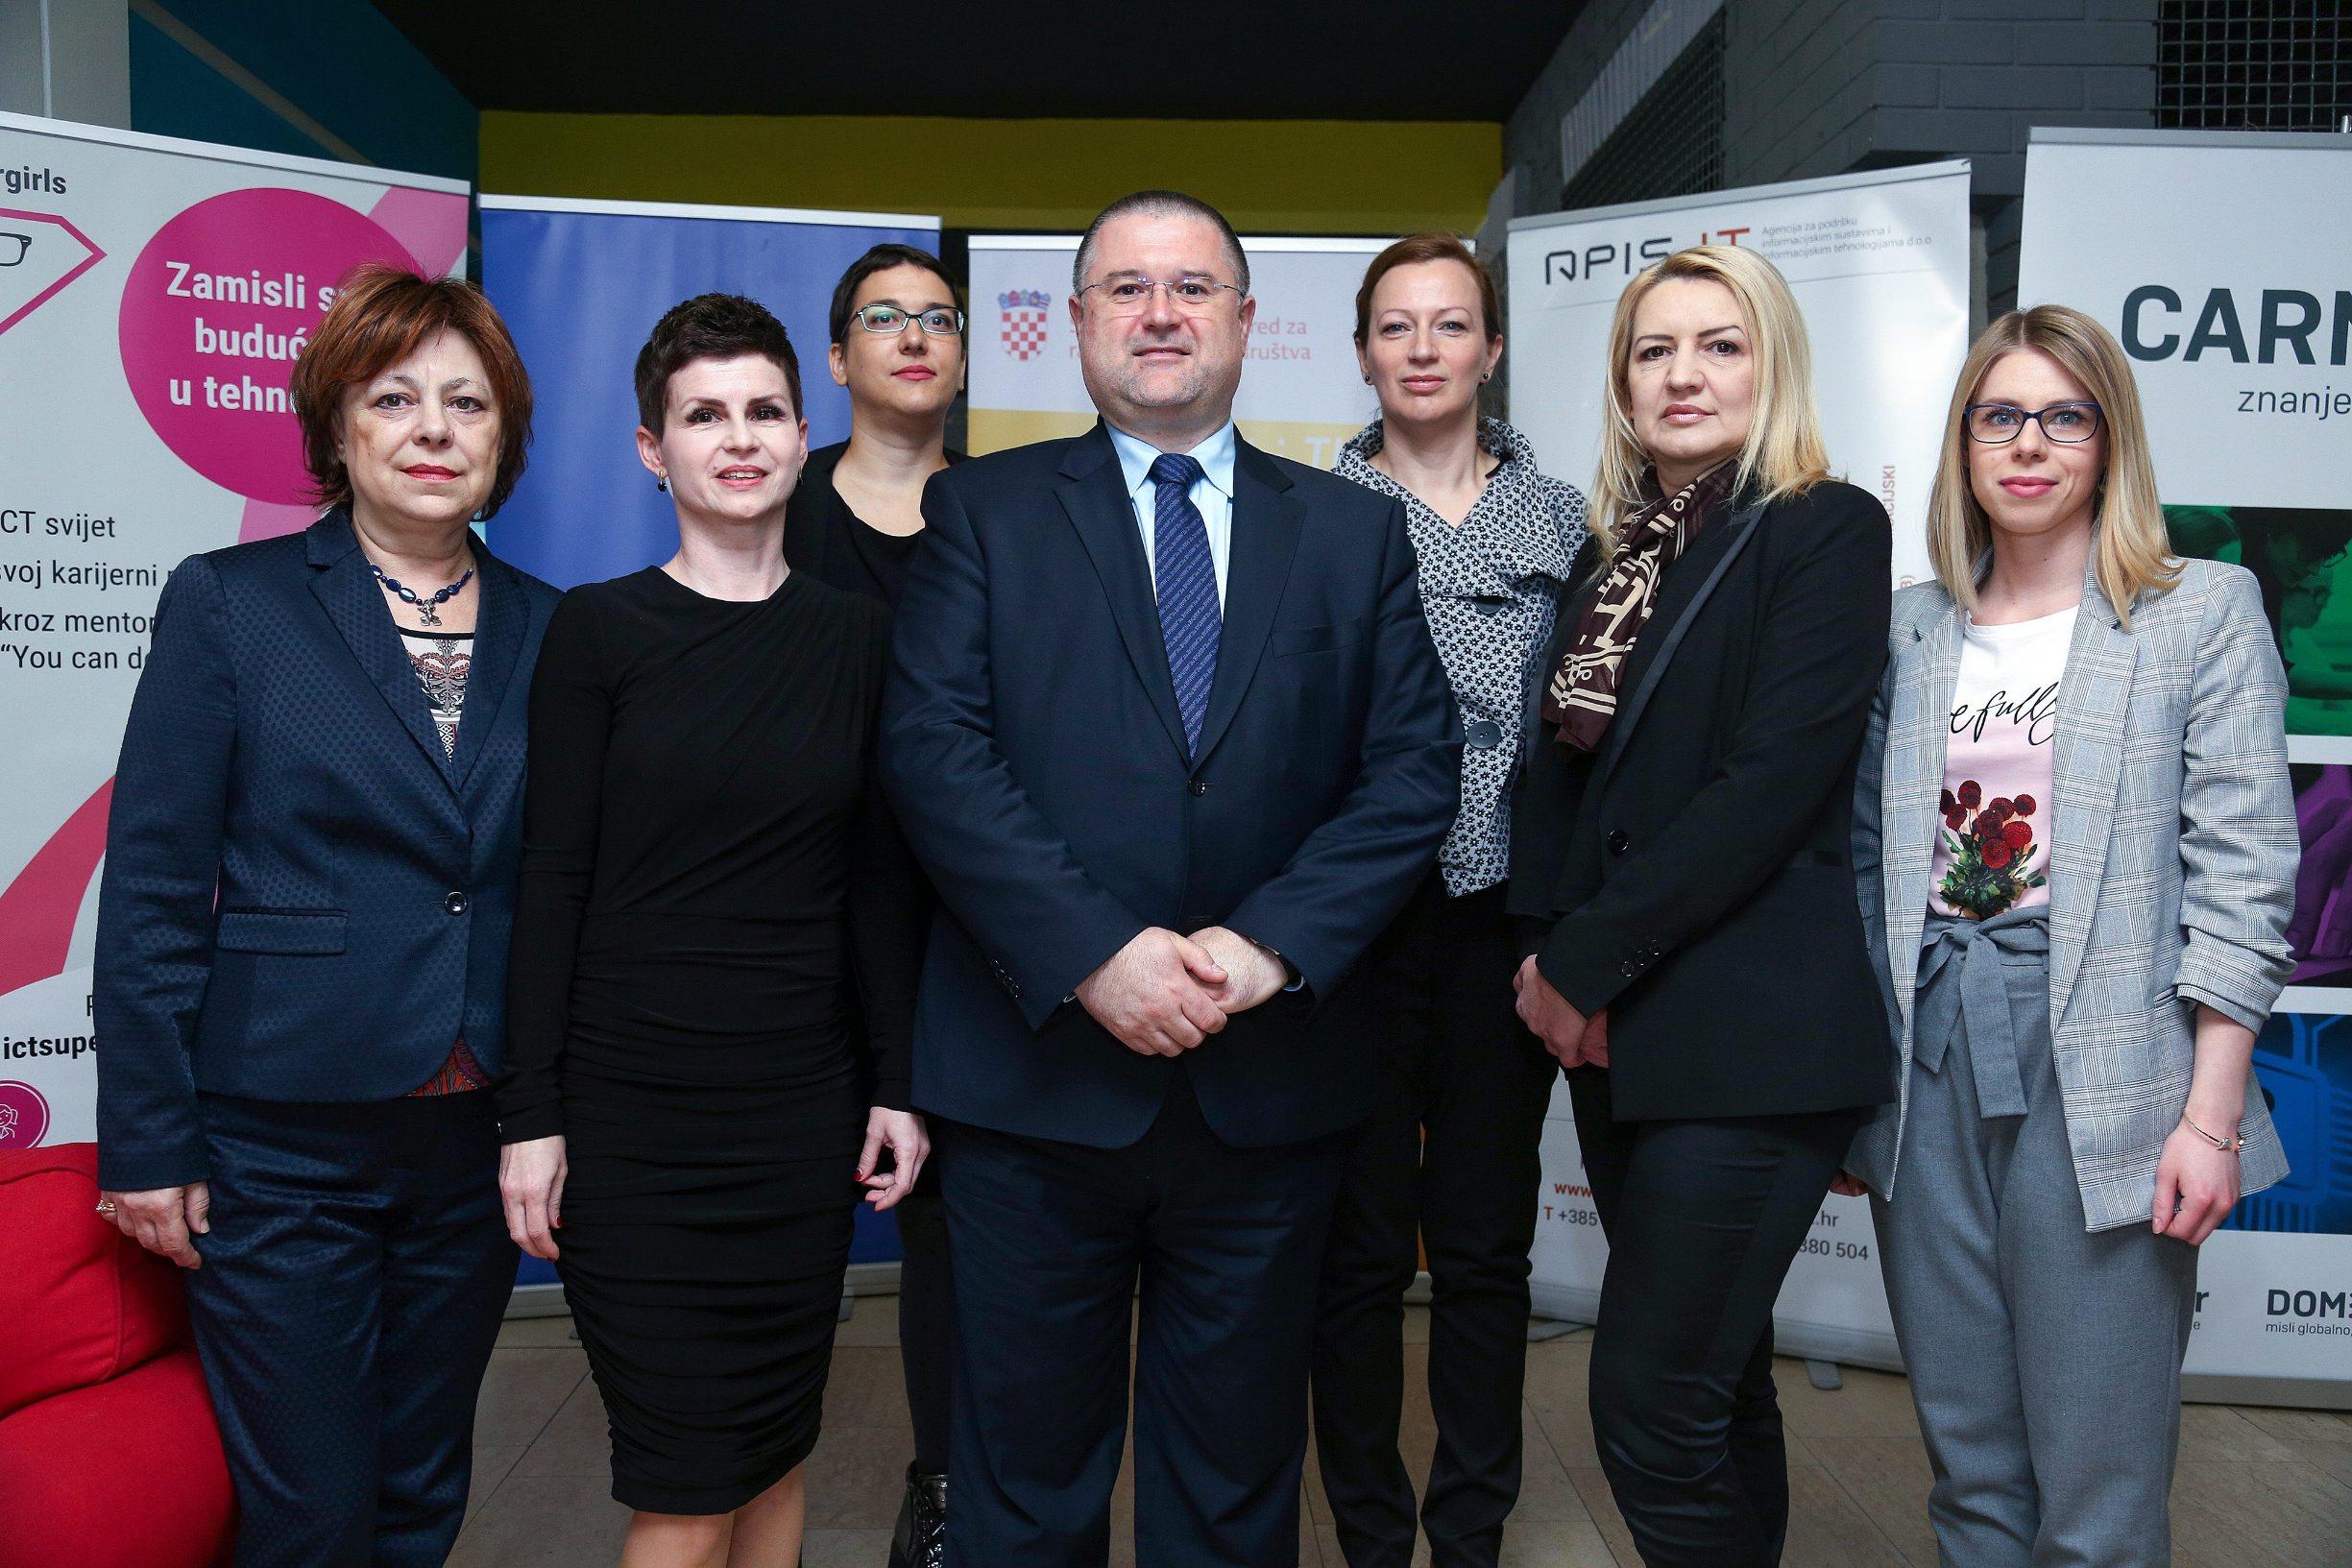 S lijeva: Helena Štimac Radin, Kristina Posavec, Nataša Kapov Kostovski, Bernard Gršić, Andrijana Prskalo Maček, Ivana Gudelj Tičak i Matea Žilak